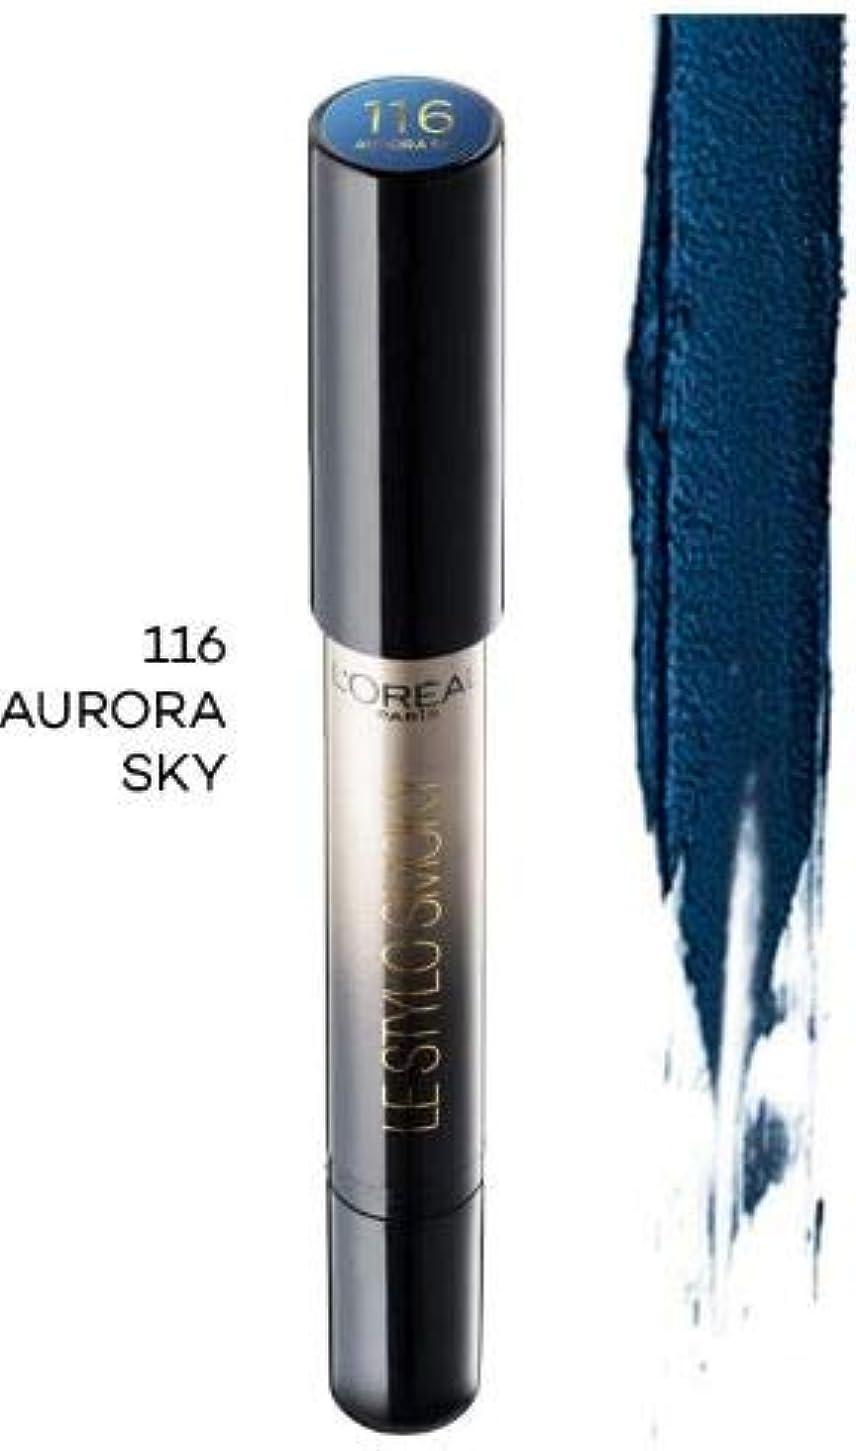 柔らかい宿る身元L'OREAL Le Stylo Smoky Eye Shadow Aurora Sky 116 1.5g オーロラ スカイ - 真のプルシアンブルー マット仕上げ